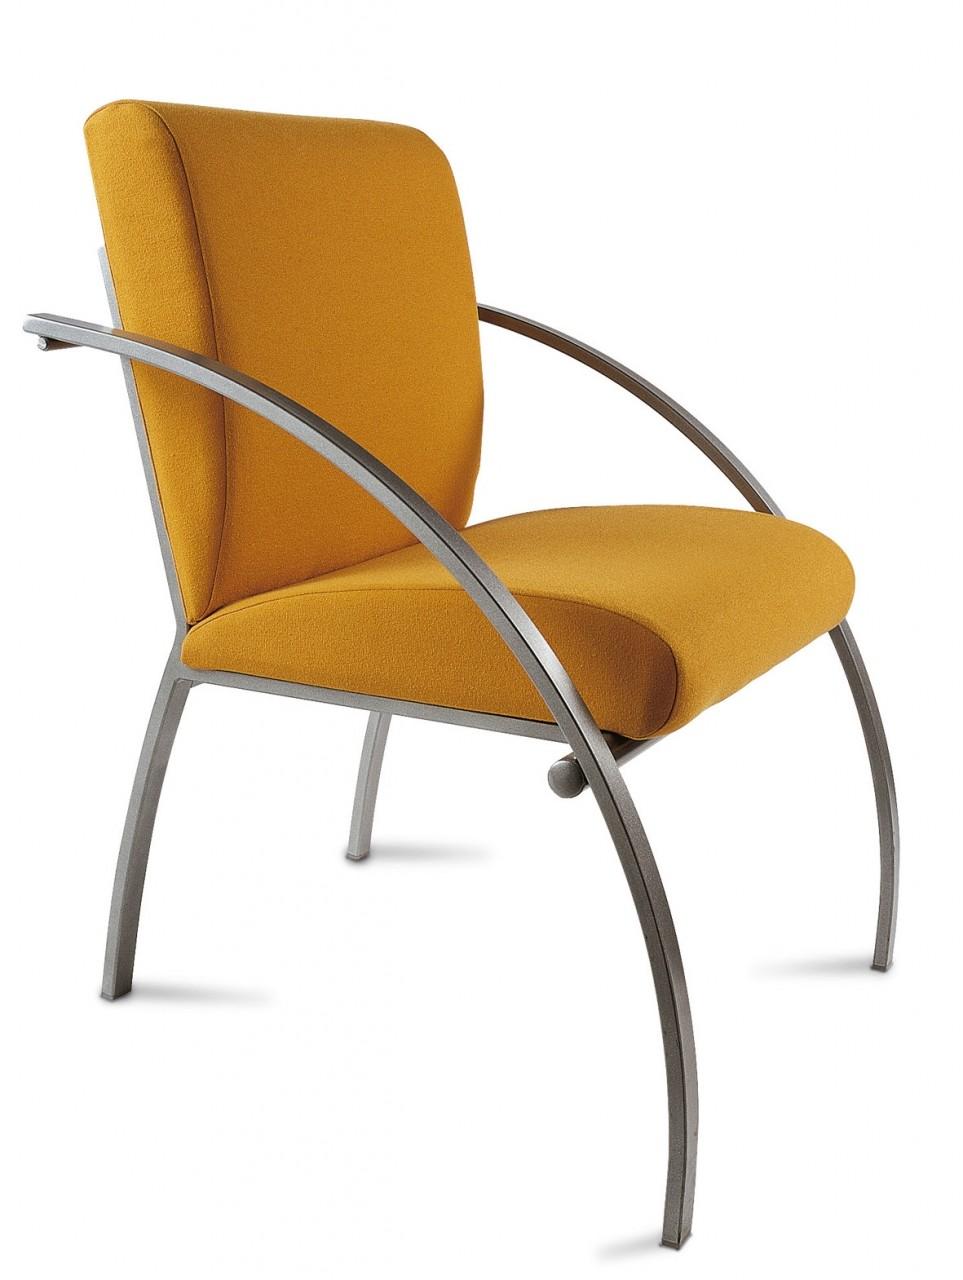 chauffeuse eva 1 place achat fauteuils d 39 accueil. Black Bedroom Furniture Sets. Home Design Ideas